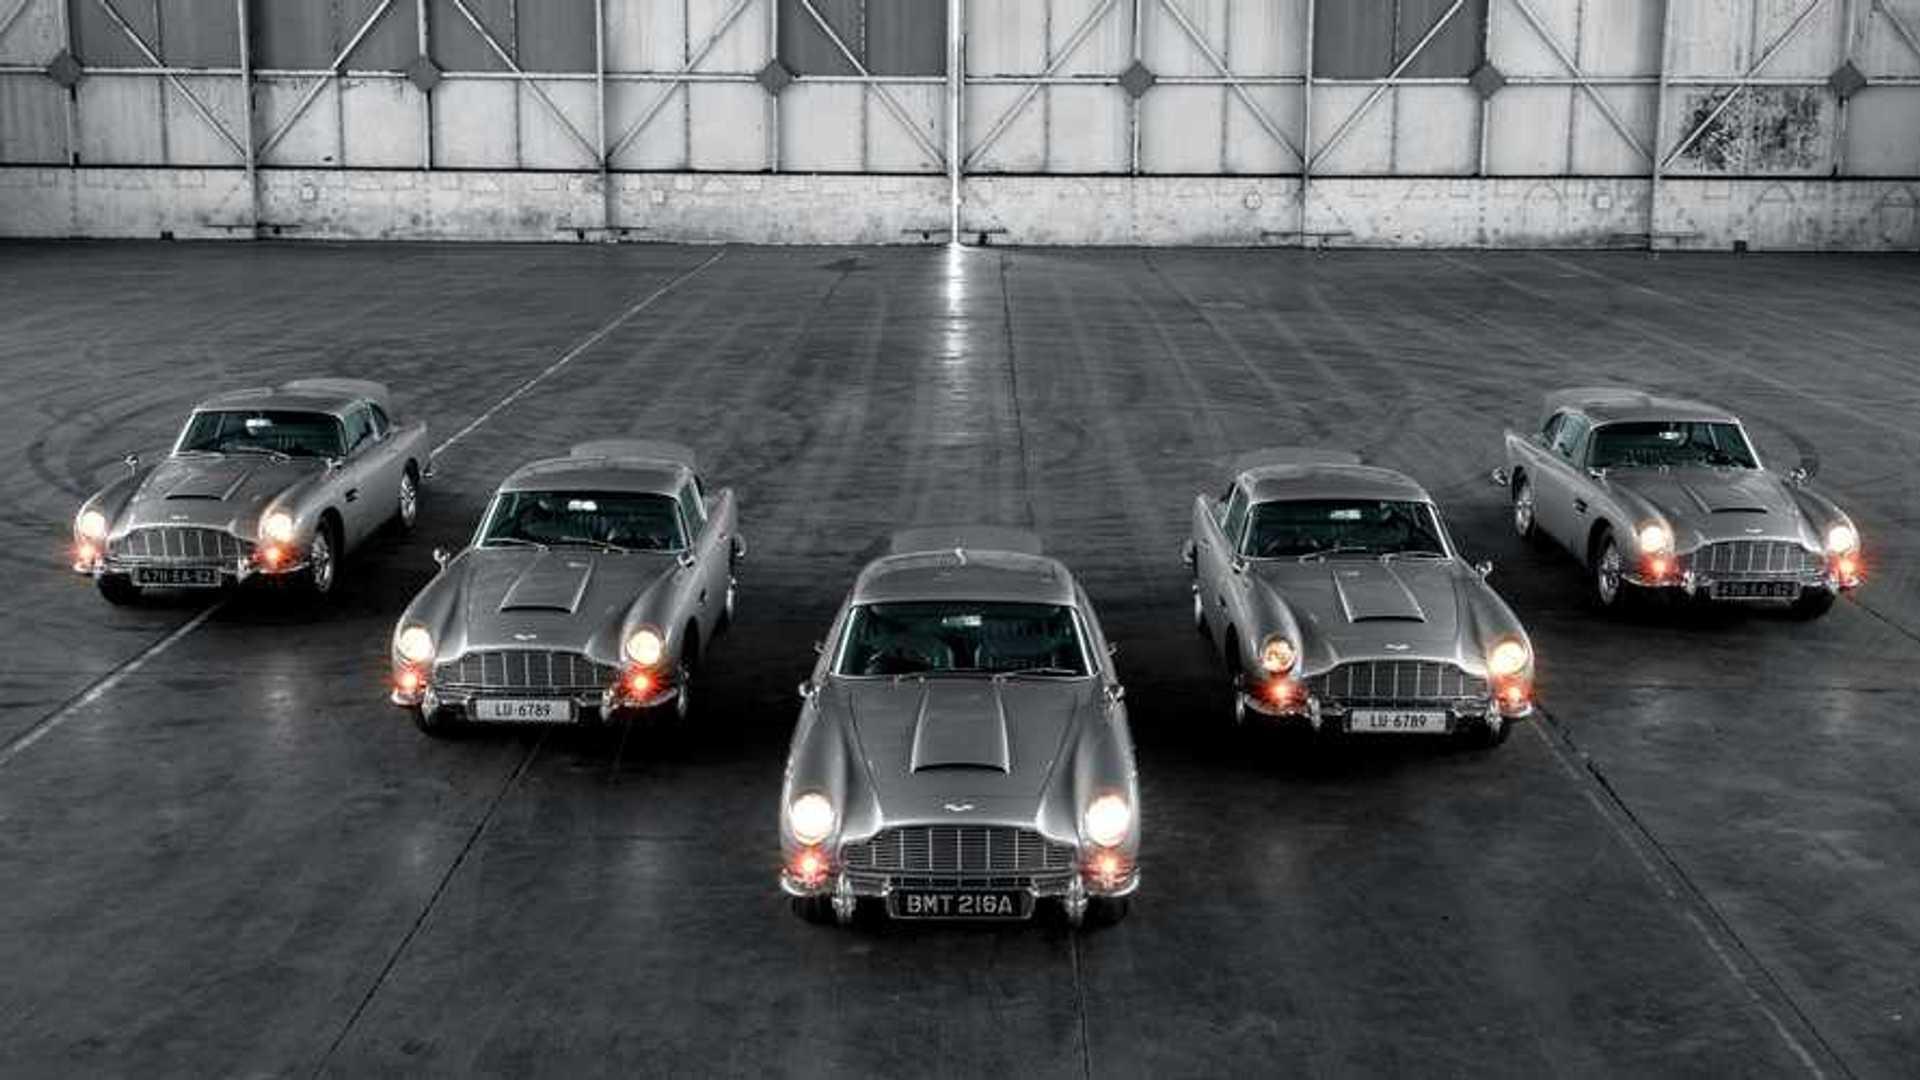 Five Aston Martin Db5 Continuation Cars Fire Their Fake Machine Guns